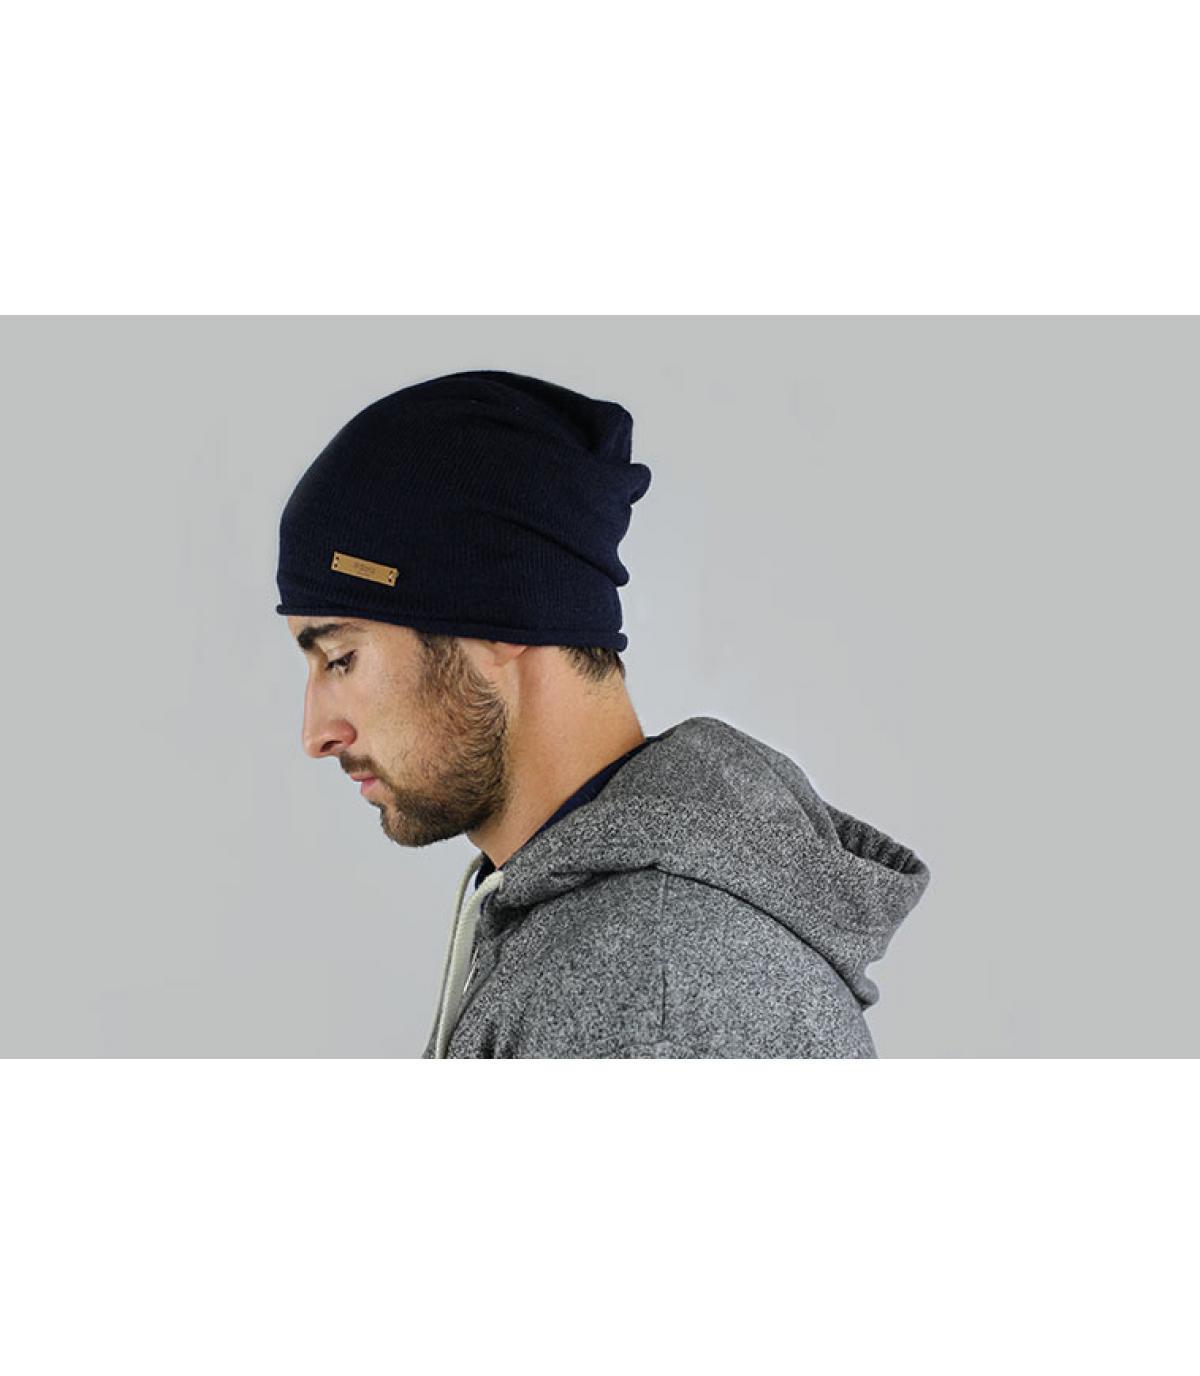 Mütze lang dunkelblau